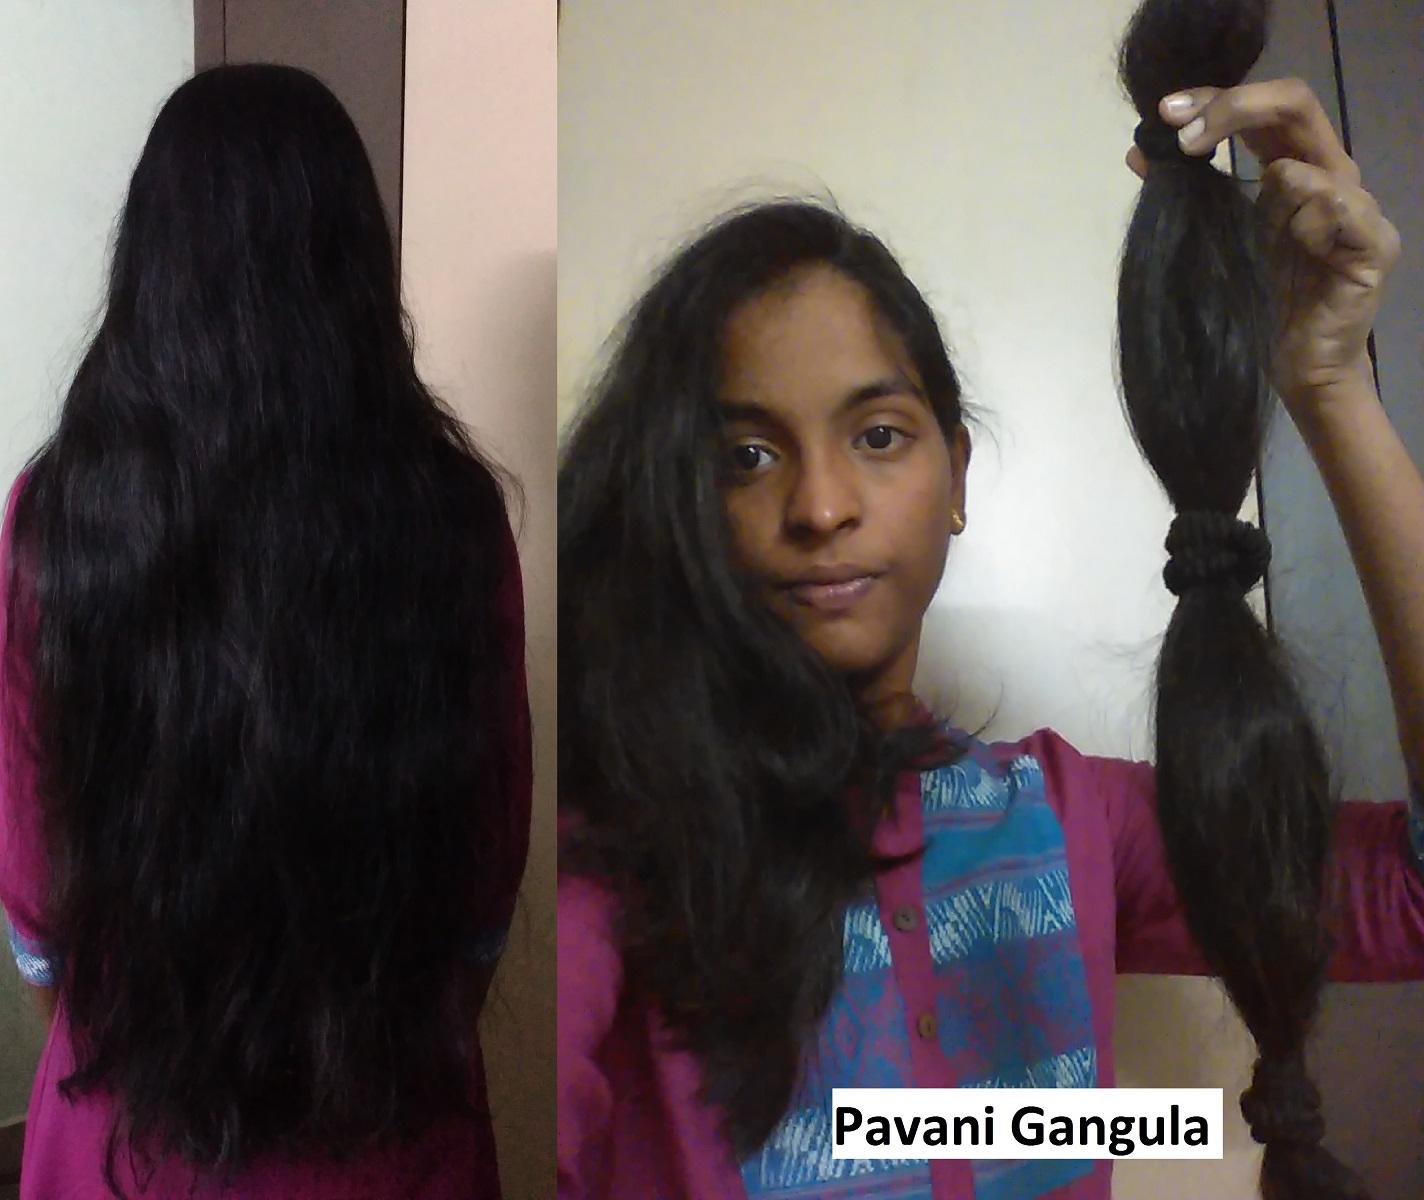 Pavani Gangula